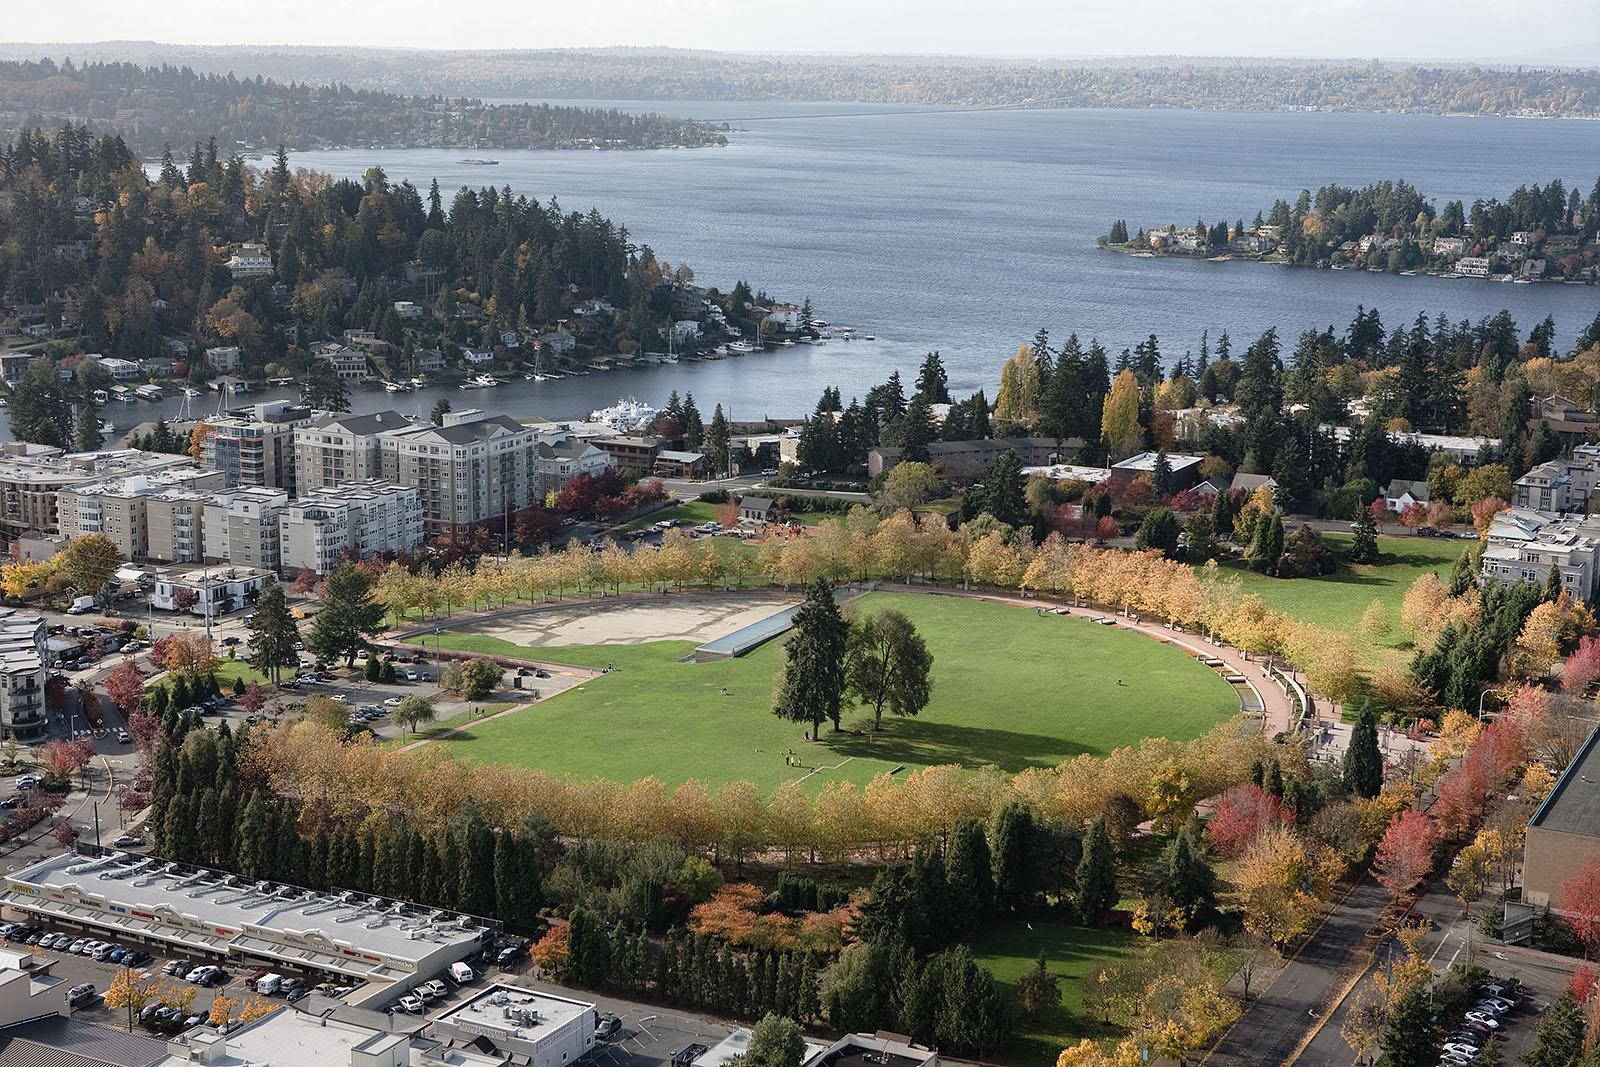 Bellevue Downtown Park Plaza